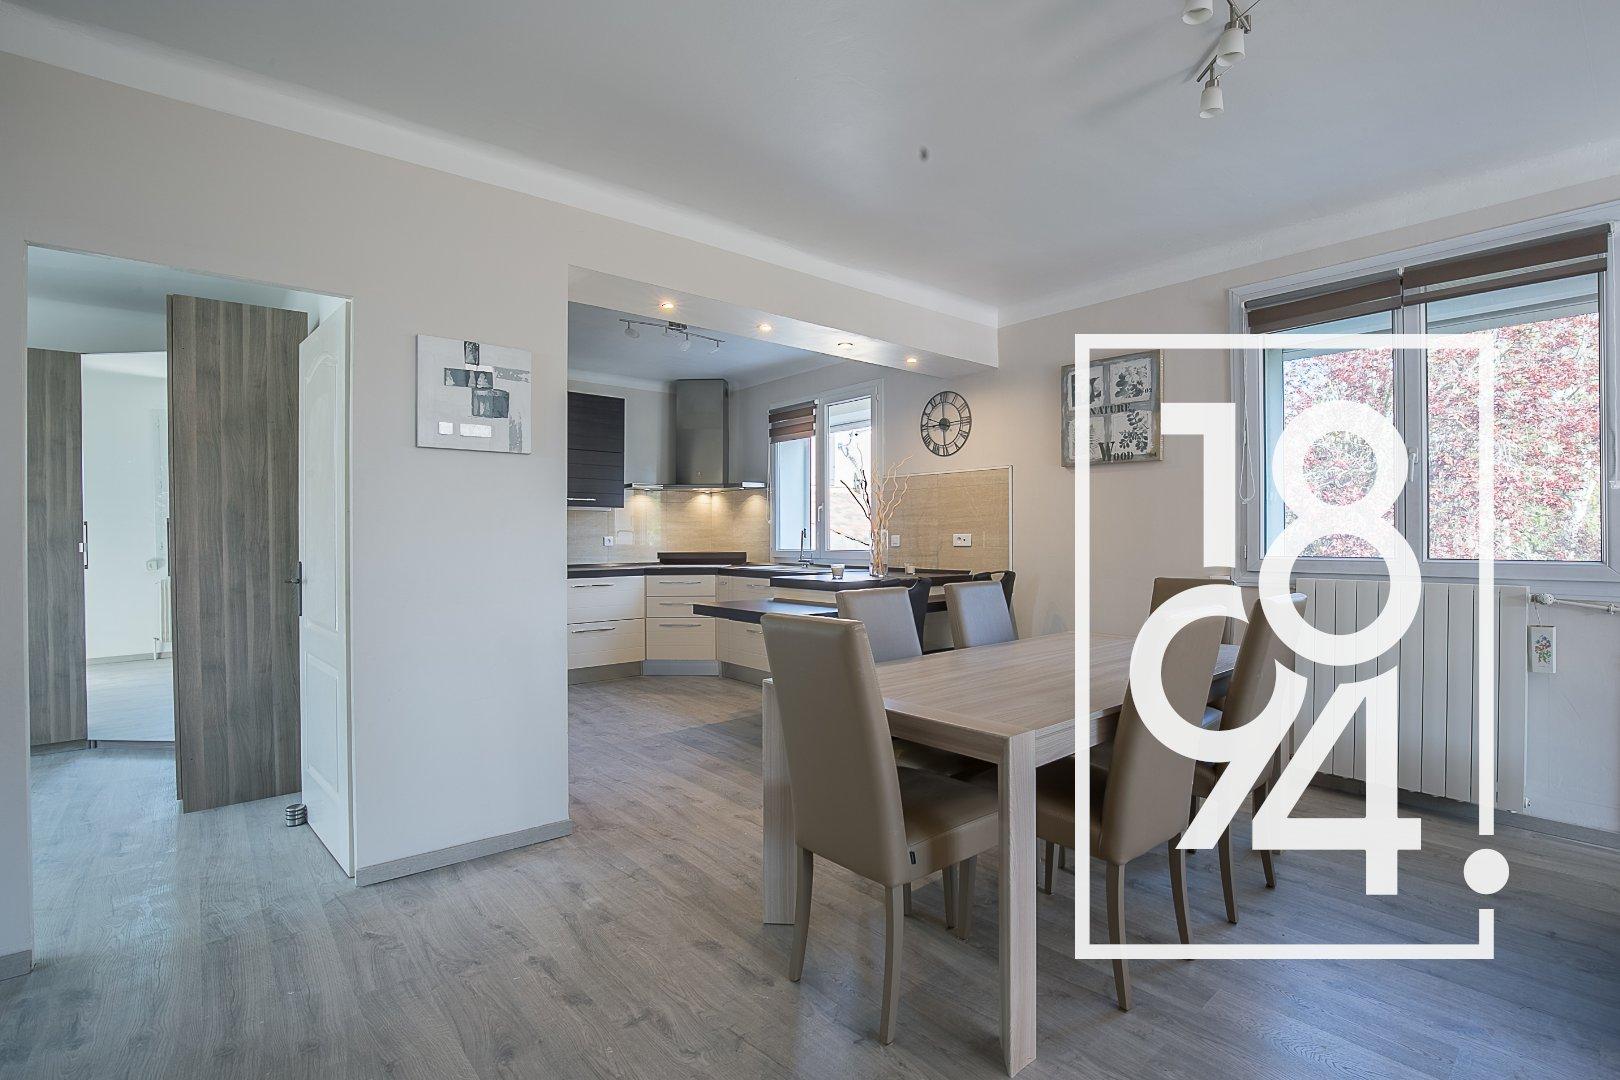 Appartement de type T4 refait à neuf avec terrasse et jardin, à Gardanne